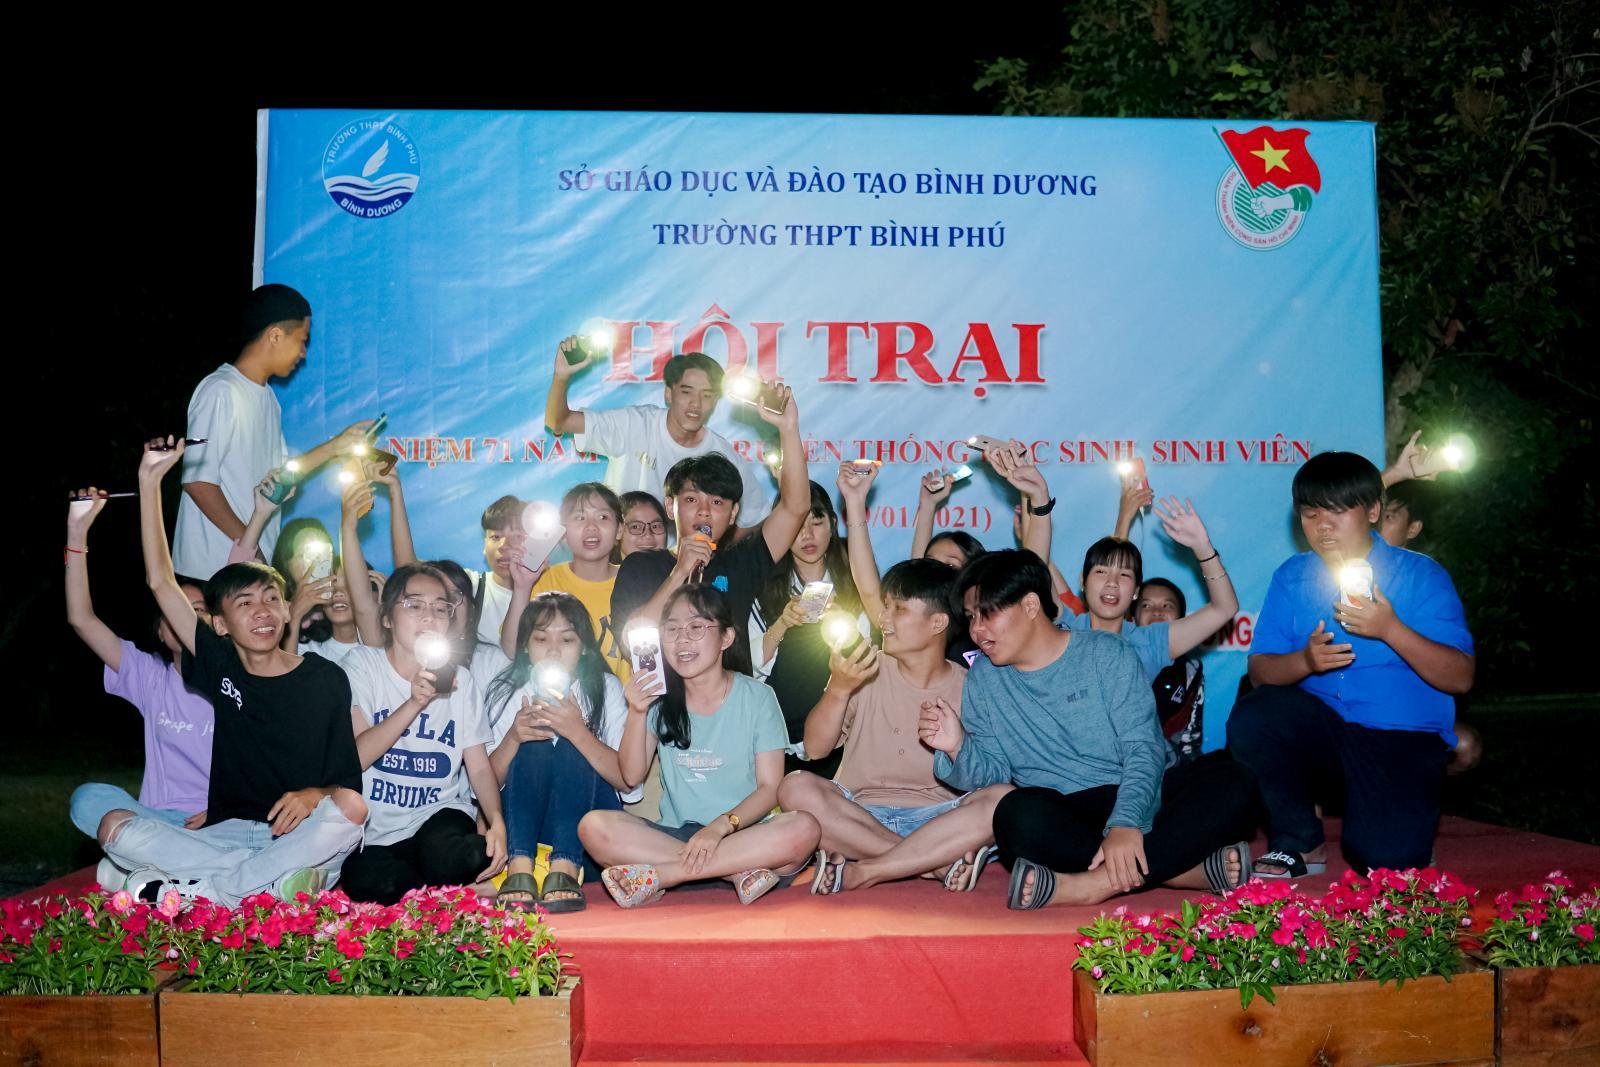 Đoàn trường THPT Bình Phú tổ chức dã ngoại cho học sinh khối 12 (2020 - 2021)